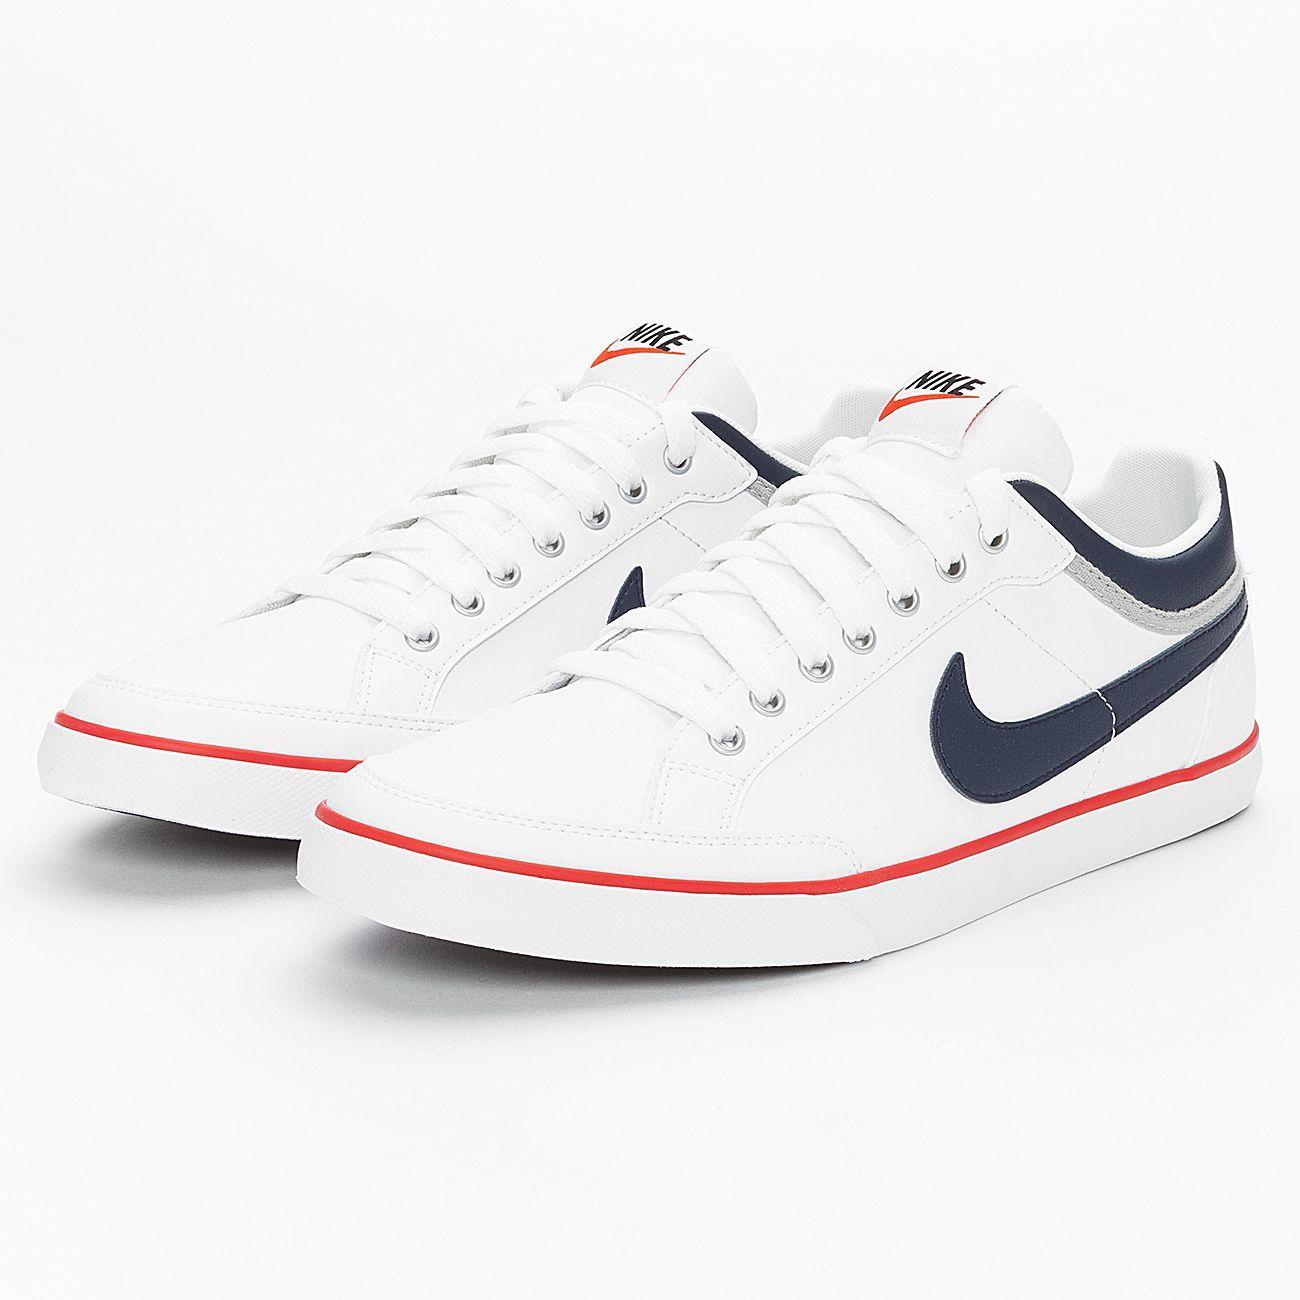 Nike Capri 3 in Schuhe für Jungen günstig kaufen | eBay